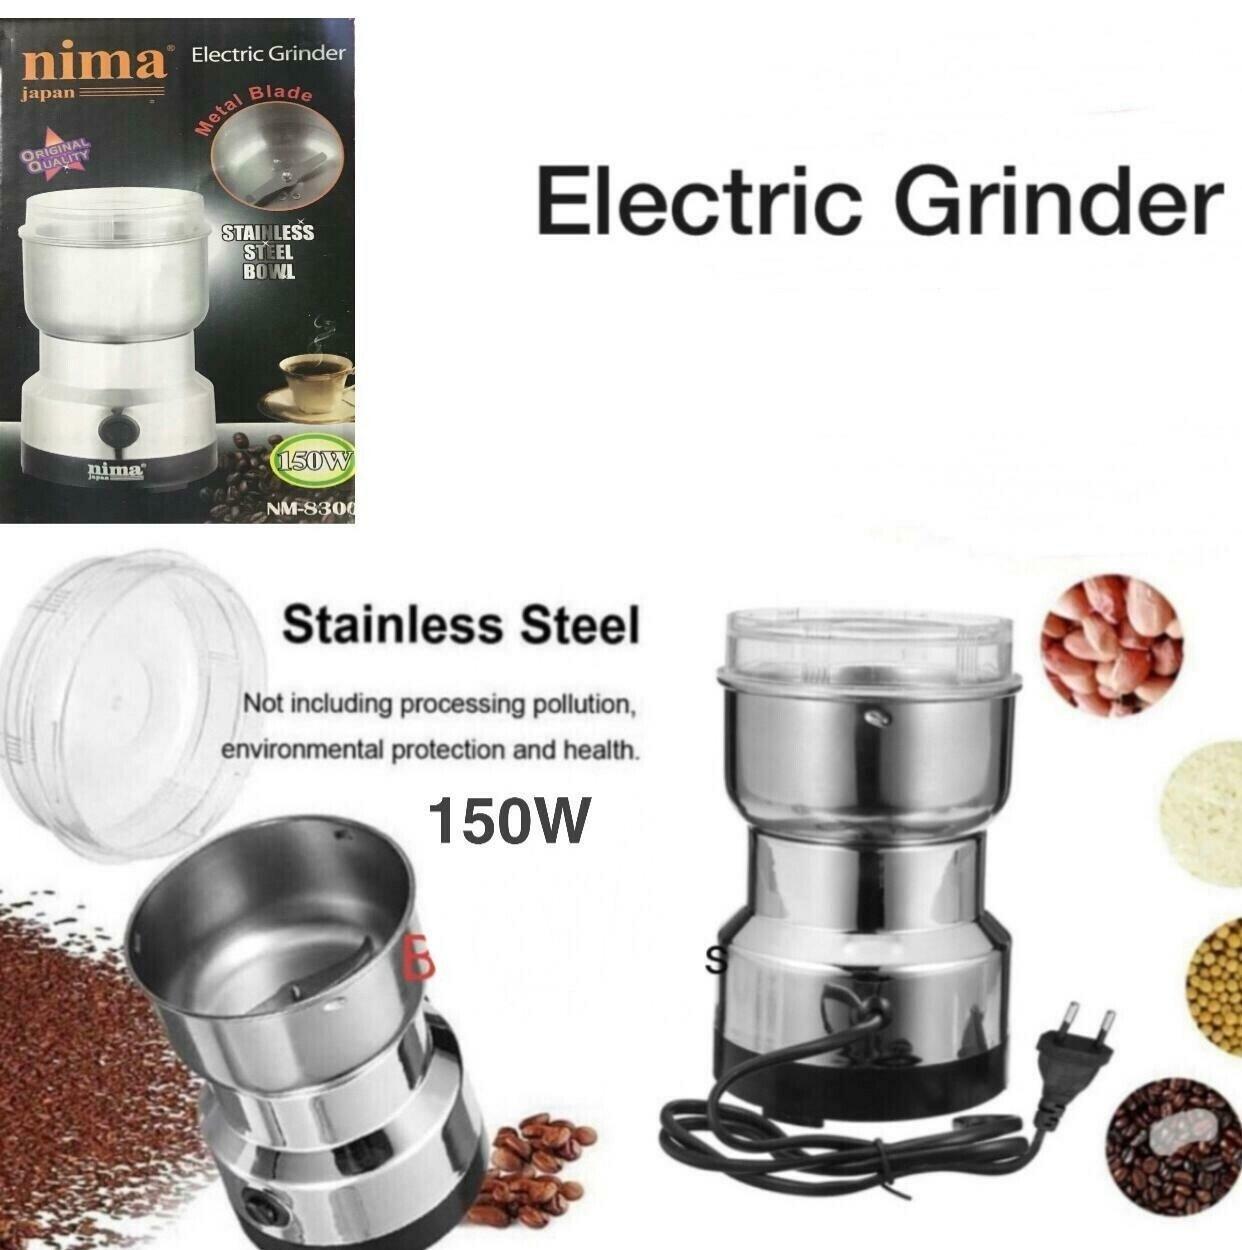 Electric Grinder